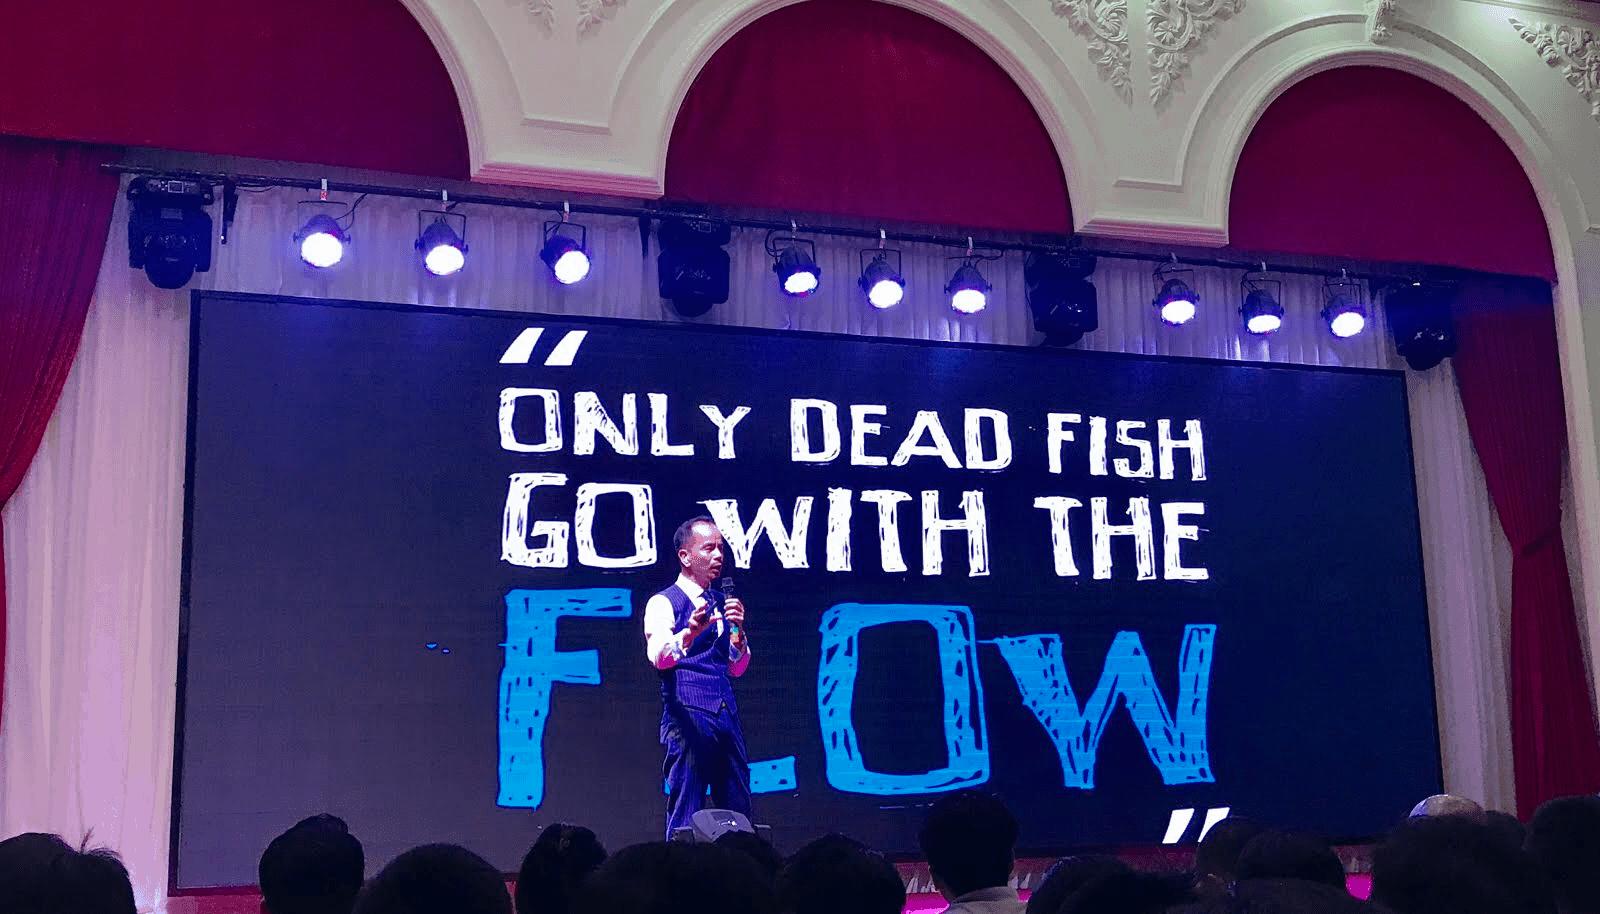 BRAND & CONTENT: Chỉ có cá chết mới bơi theo dòng!